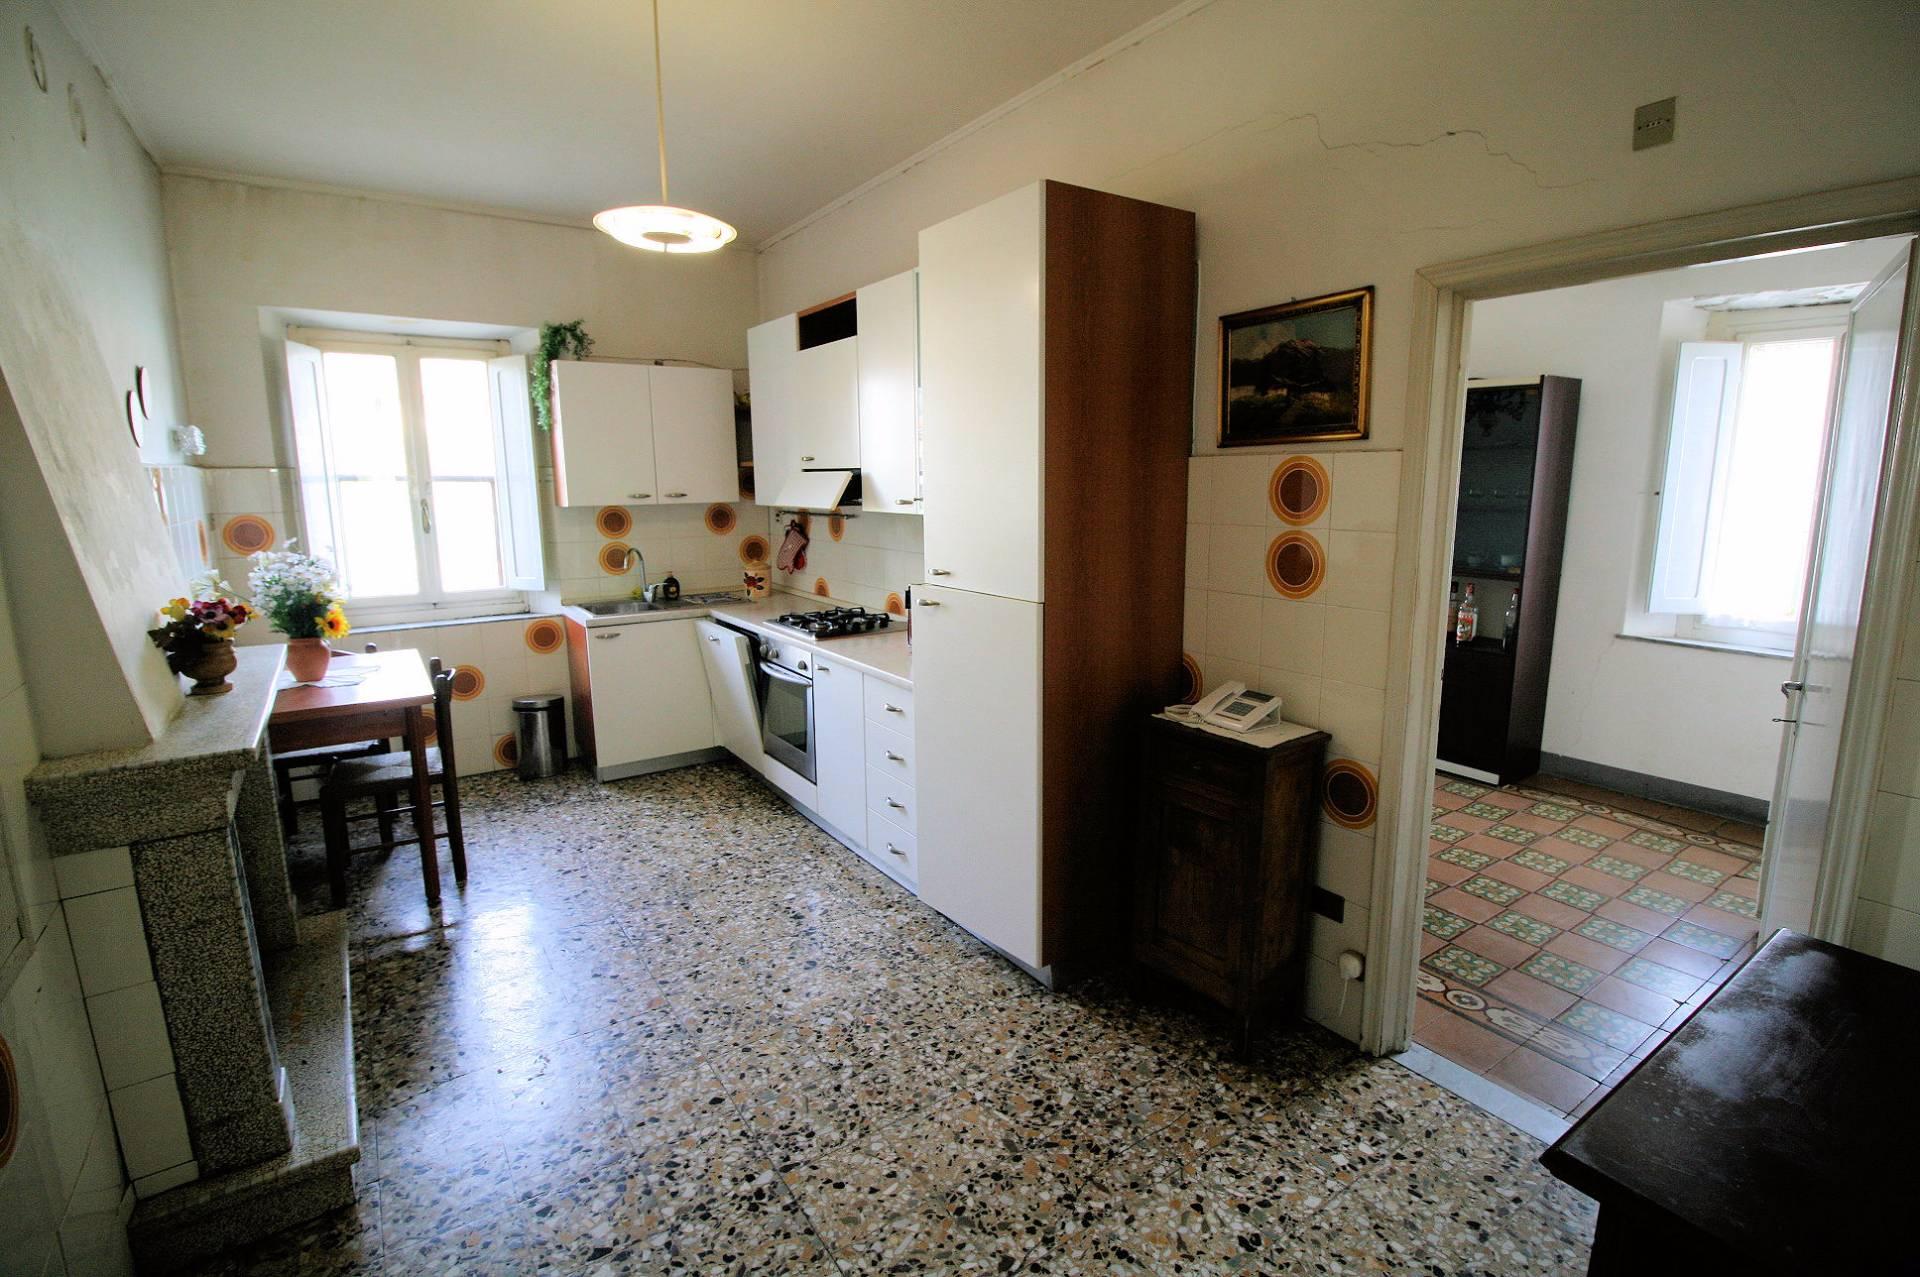 Soluzione Indipendente in vendita a Pescia, 10 locali, zona Località: PonteallAbate, prezzo € 89.000 | CambioCasa.it